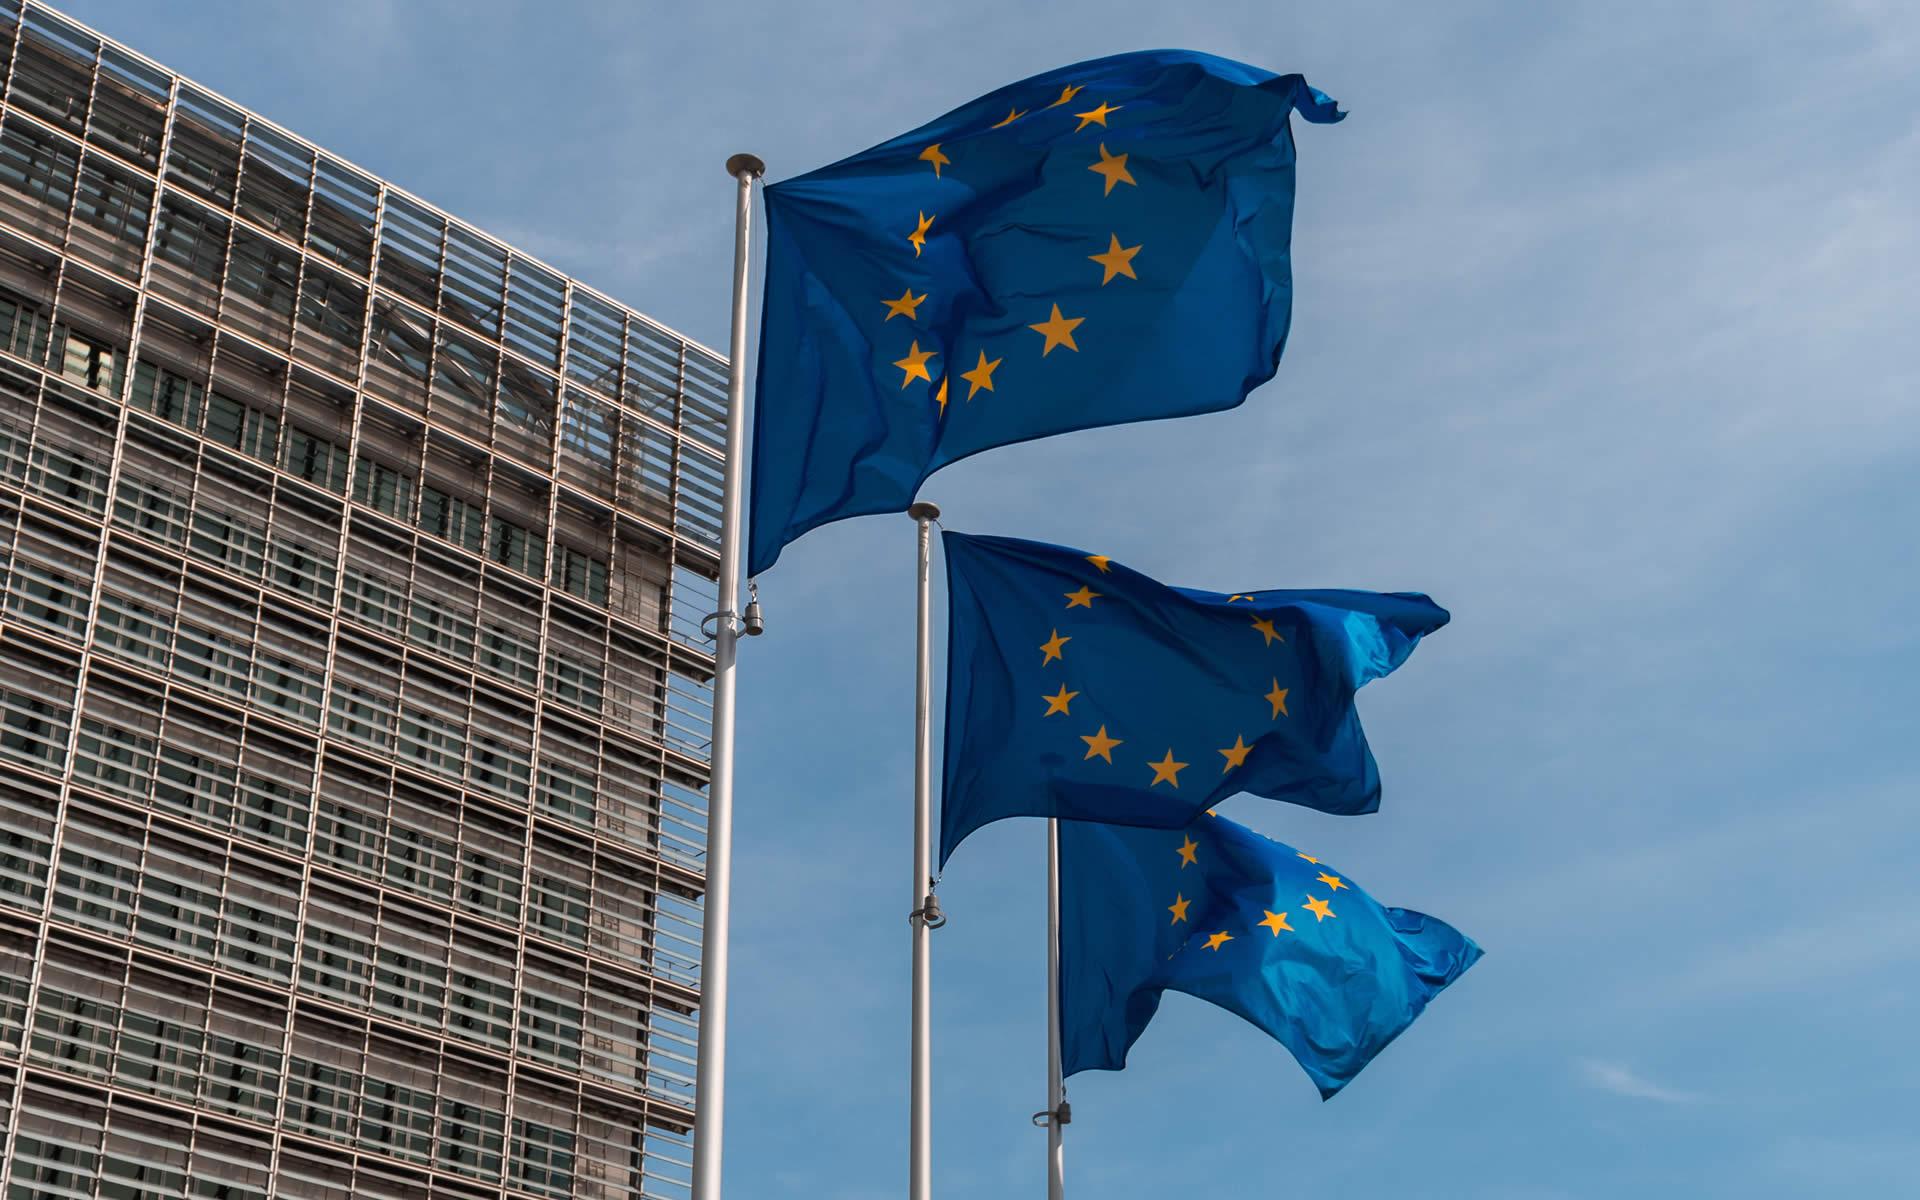 Economia Circolare, l'Italia si appresta a recepire il pacchetto UE